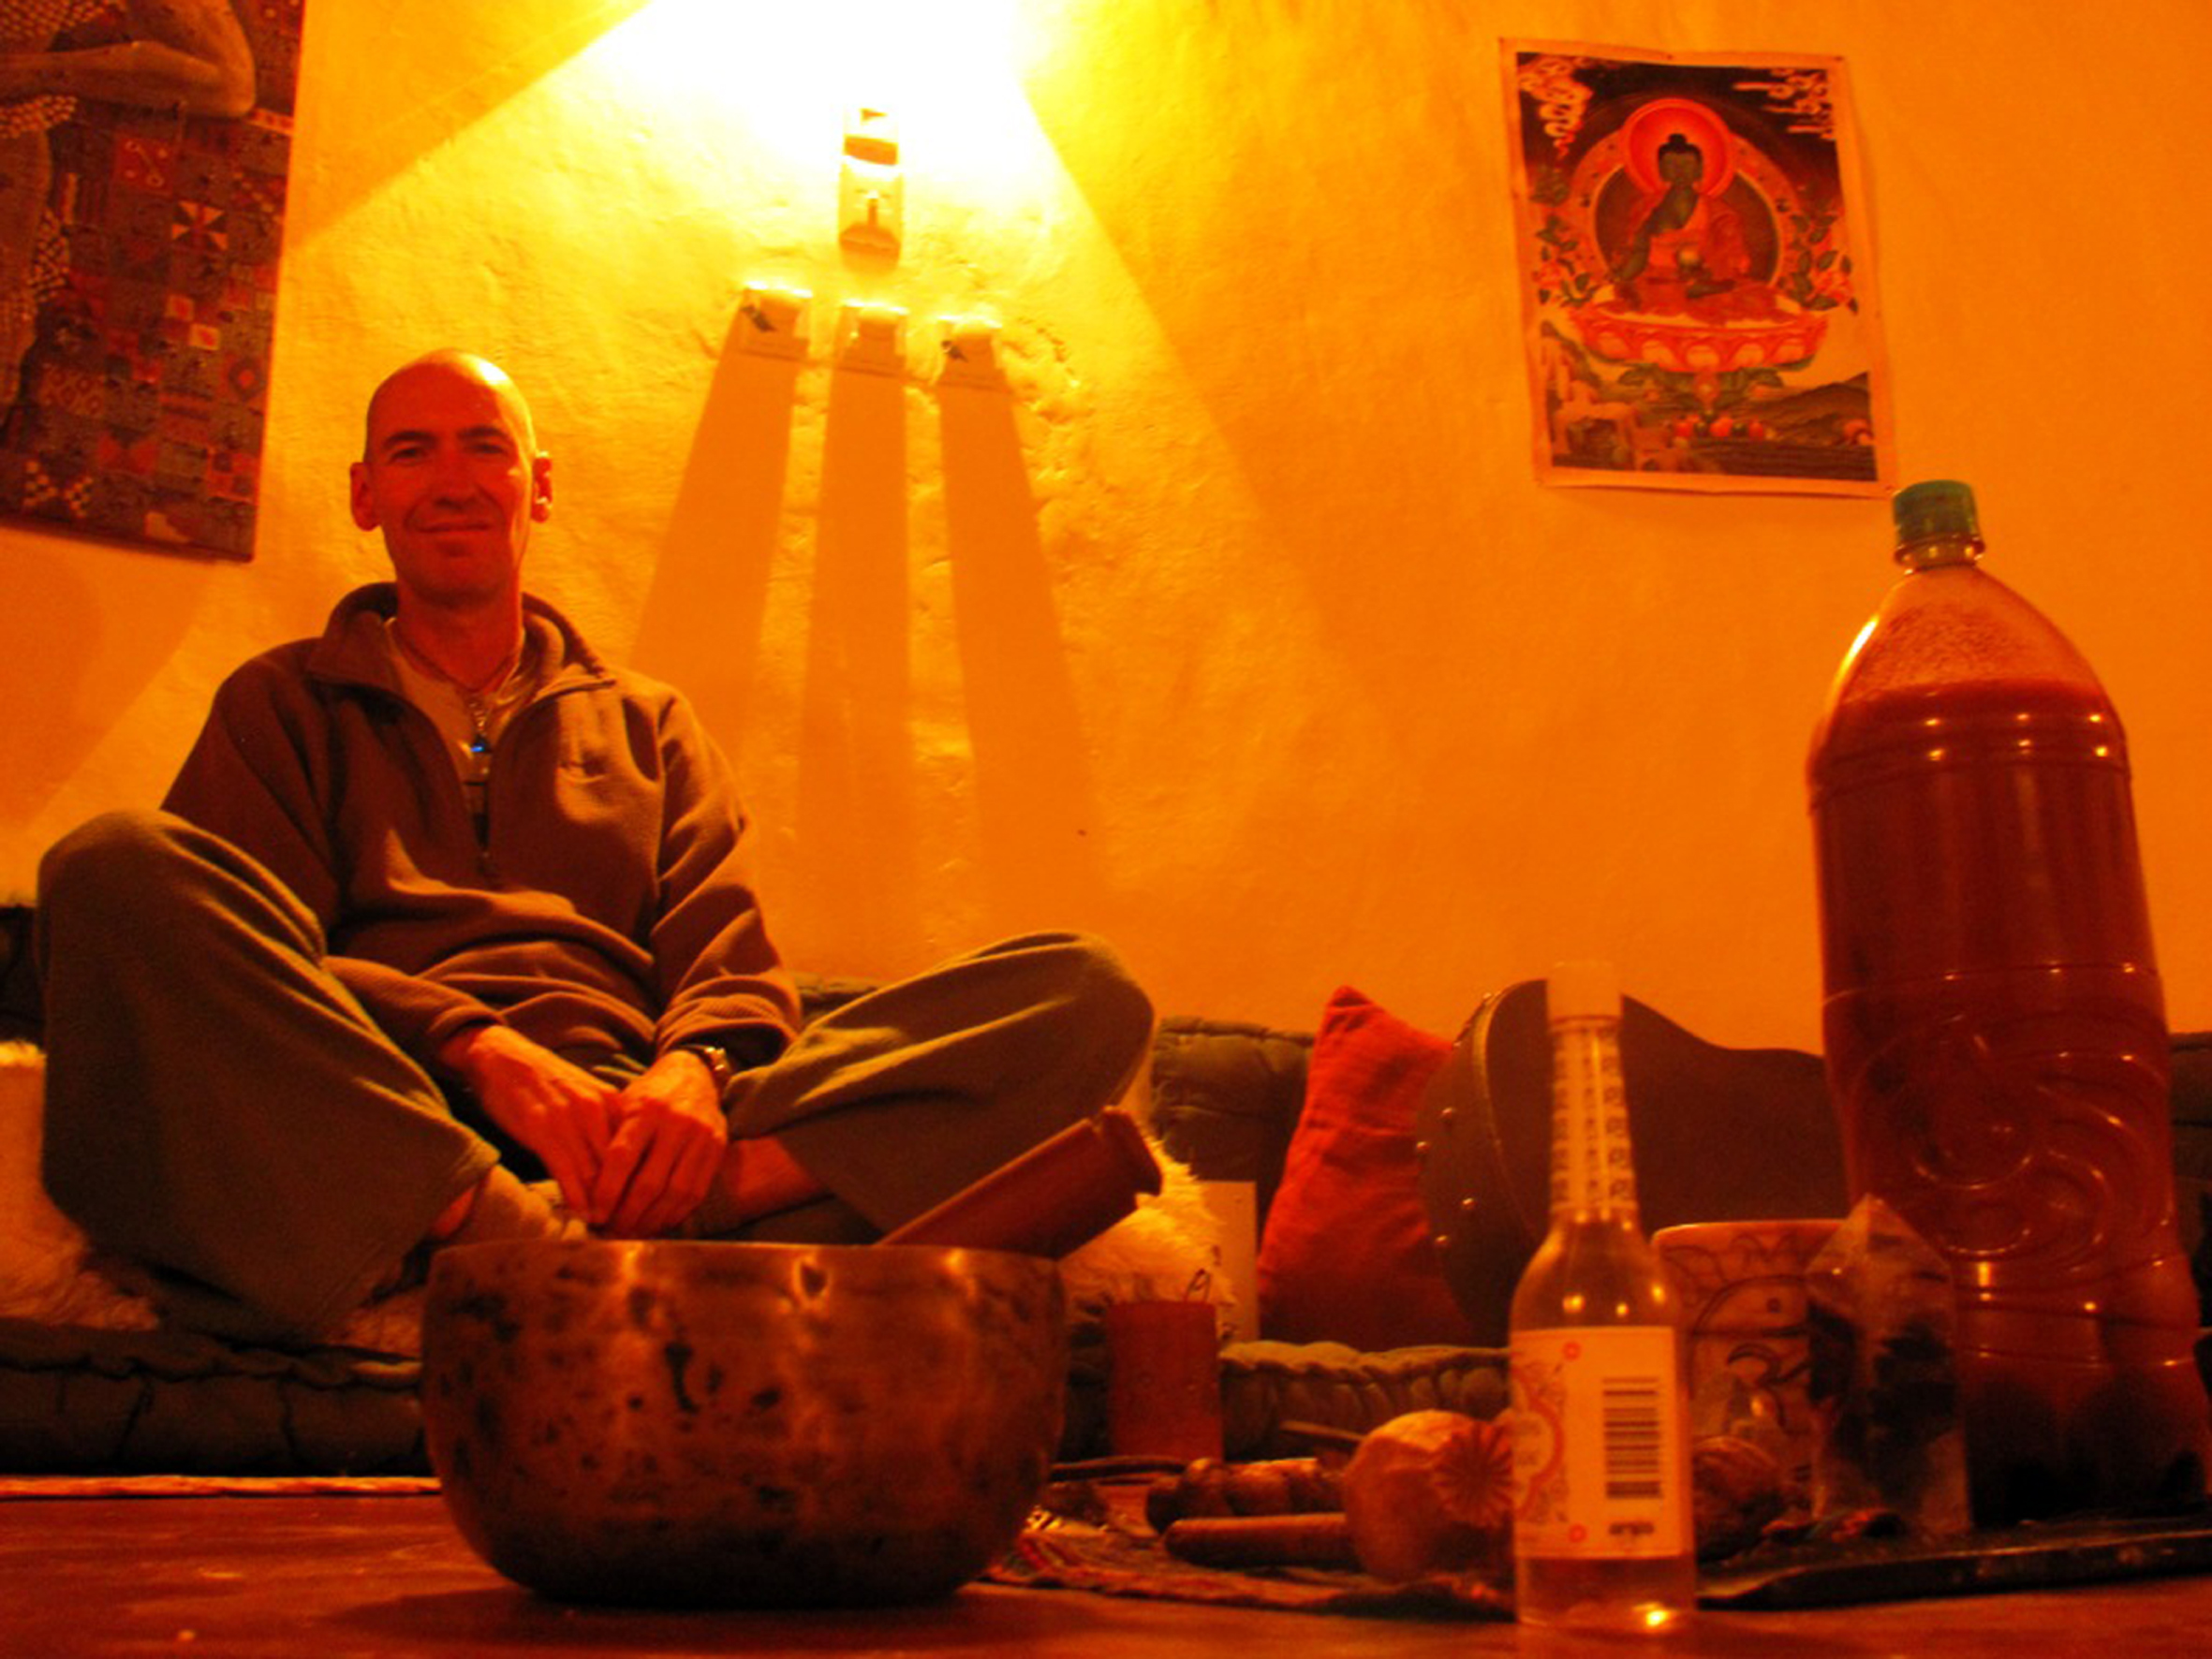 Entre budas, cristais e plumas de condor, Diego Palma conduz rituais com ayahuasca